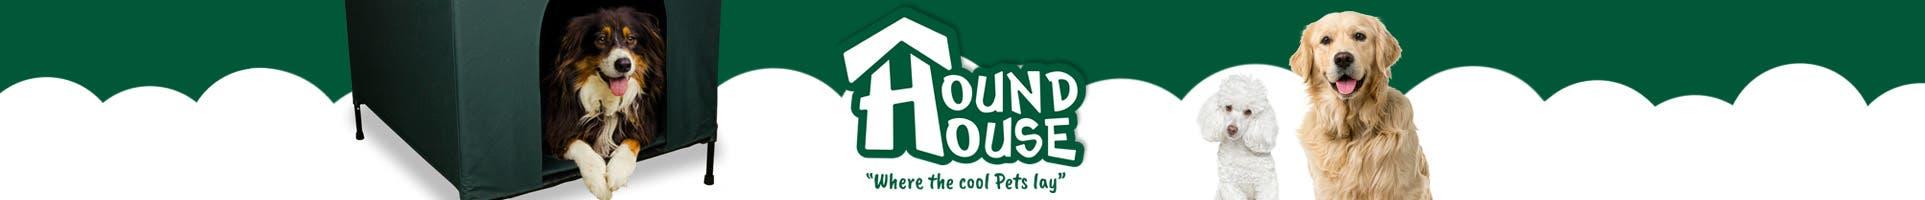 HoundHouse Dog Kennels